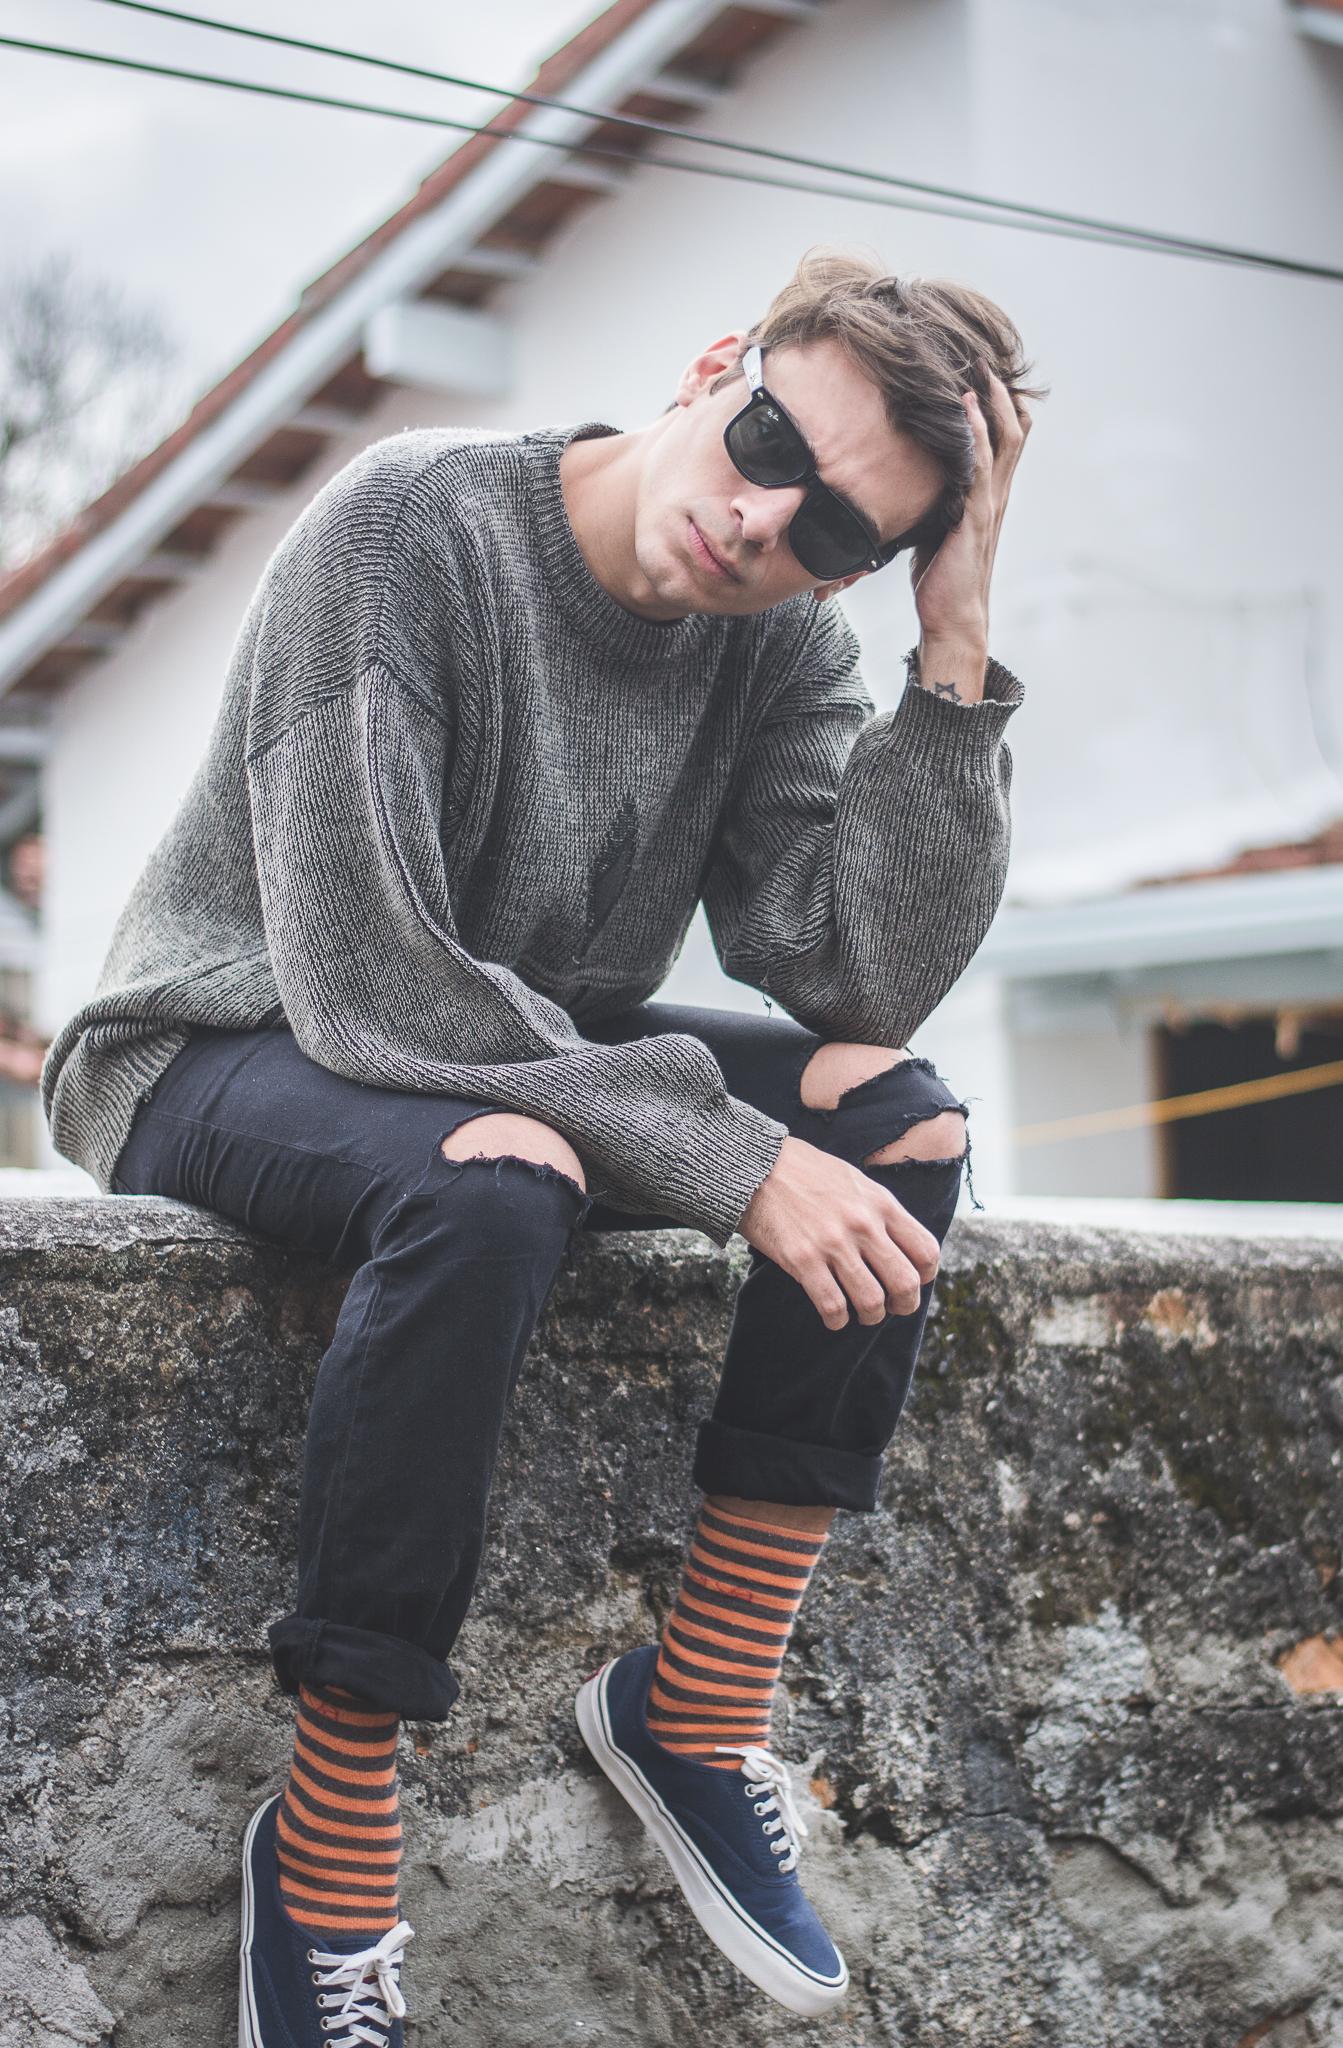 alex-cursino-rafaella-santiago-matheus-komatsu-shooting-editorial-de-moda-influencer-youtuber-blogueiro-de-moda-dicas-de-moda-como-ser-estiloso-anos-90-roupa-masculina-vogue-7